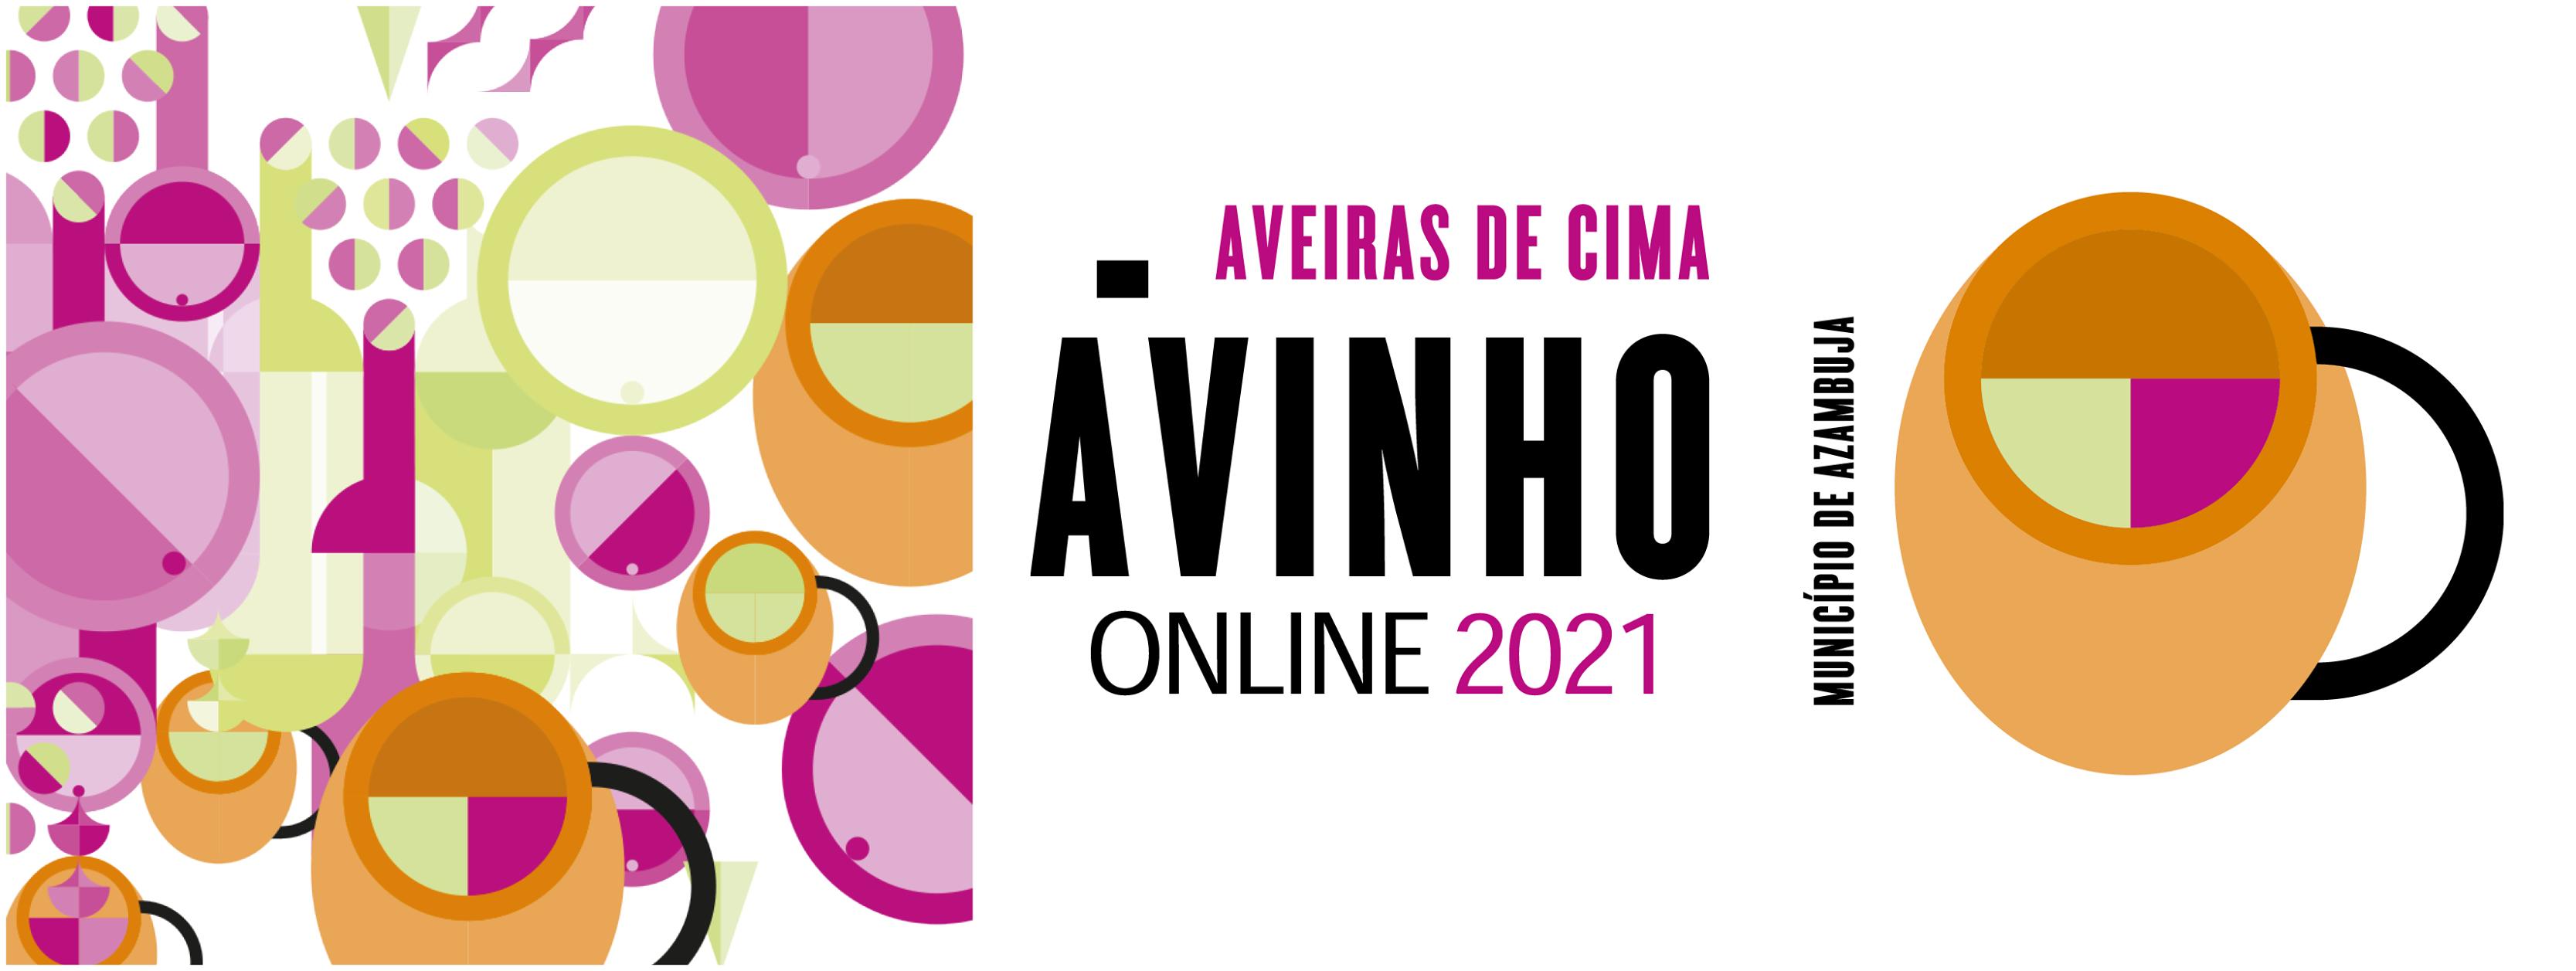 Ávinho 2021 - ONLINE